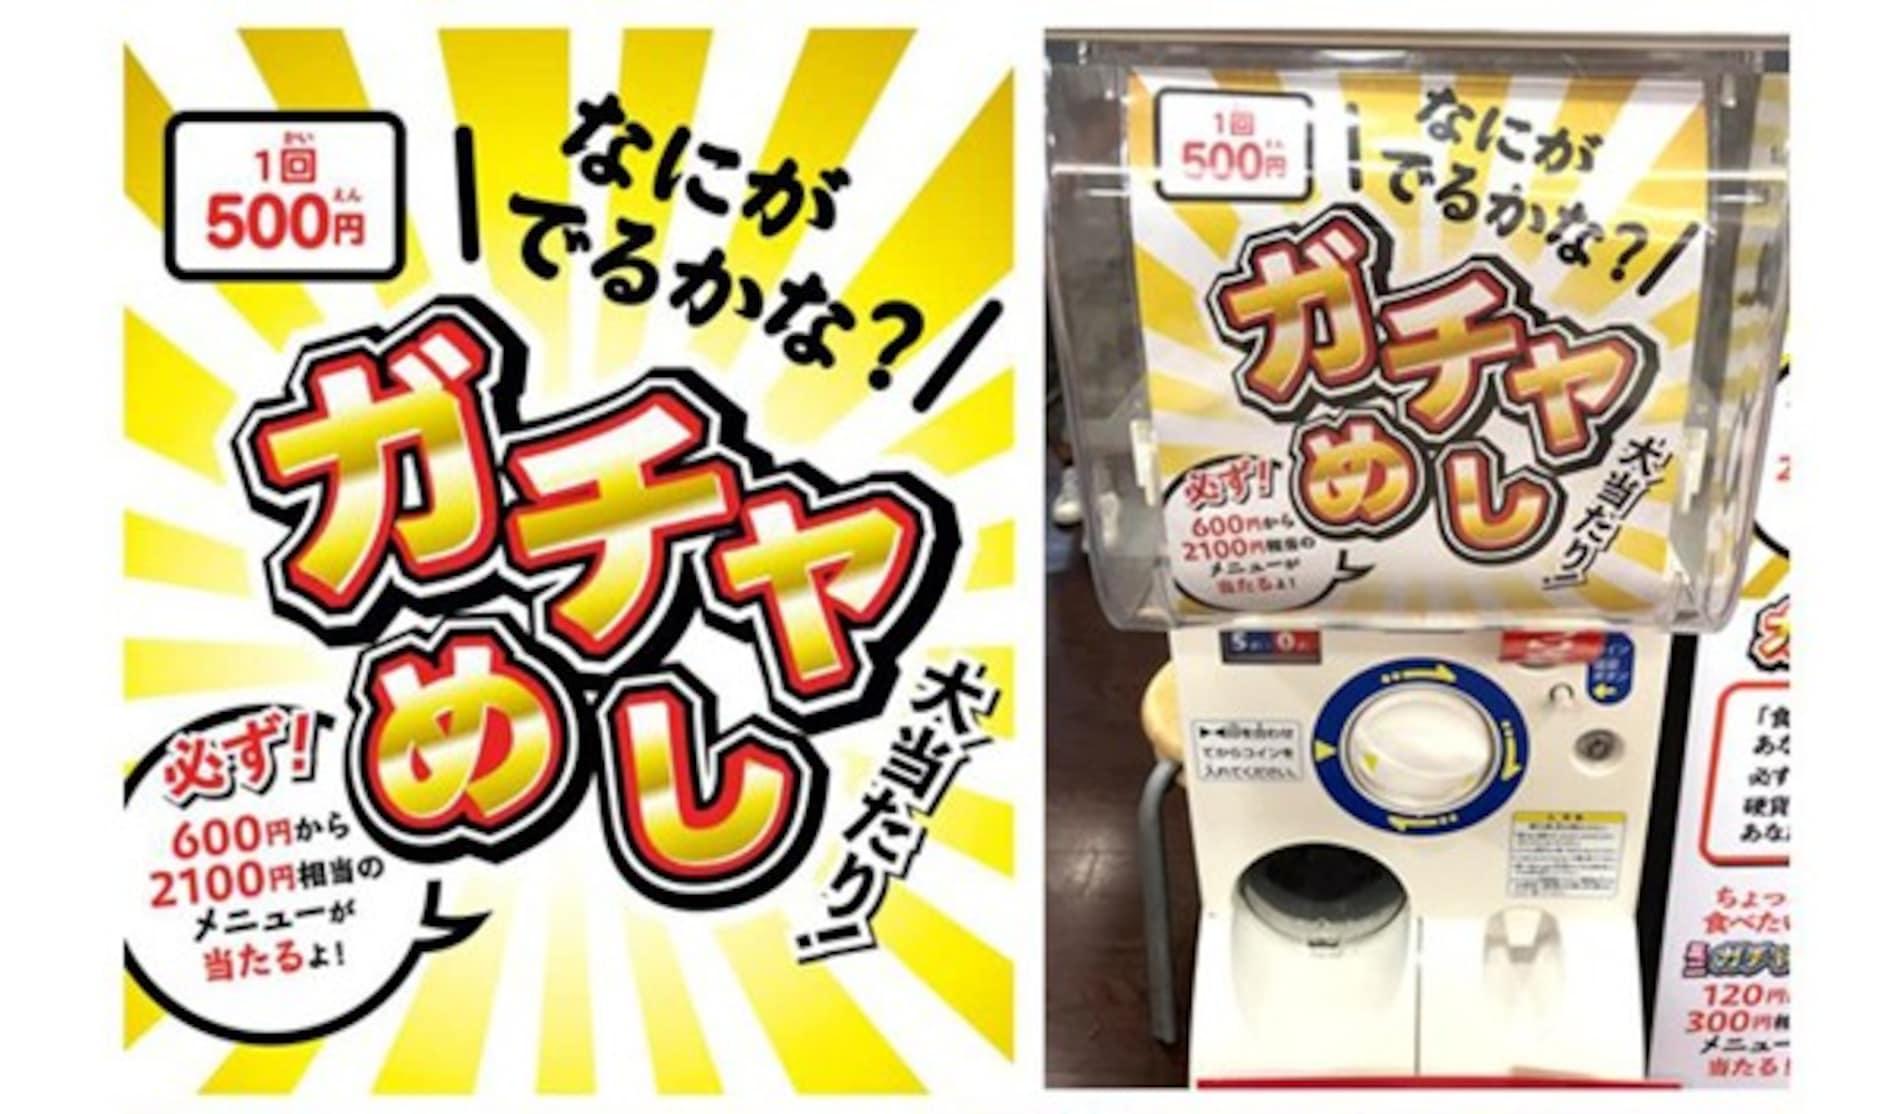 「食」は承認欲求を満たすためのネタツール!?「ガチャめし」は日本の飲食をどう変えるのか